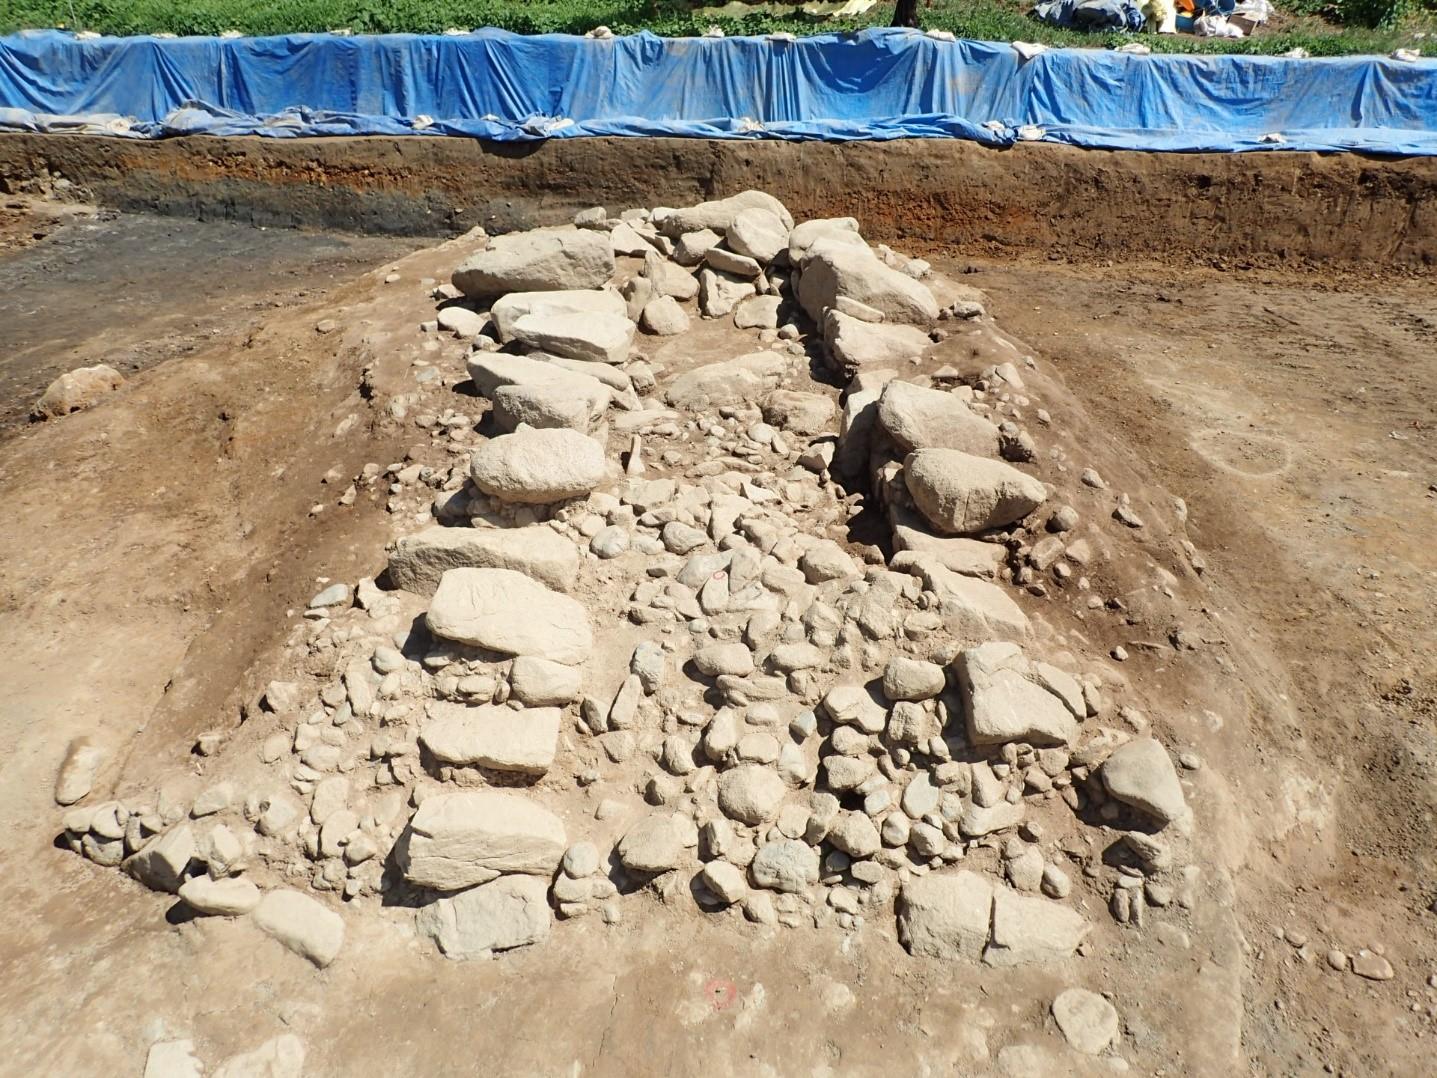 座光寺石原遺跡 2021年度発掘調査情報(4)